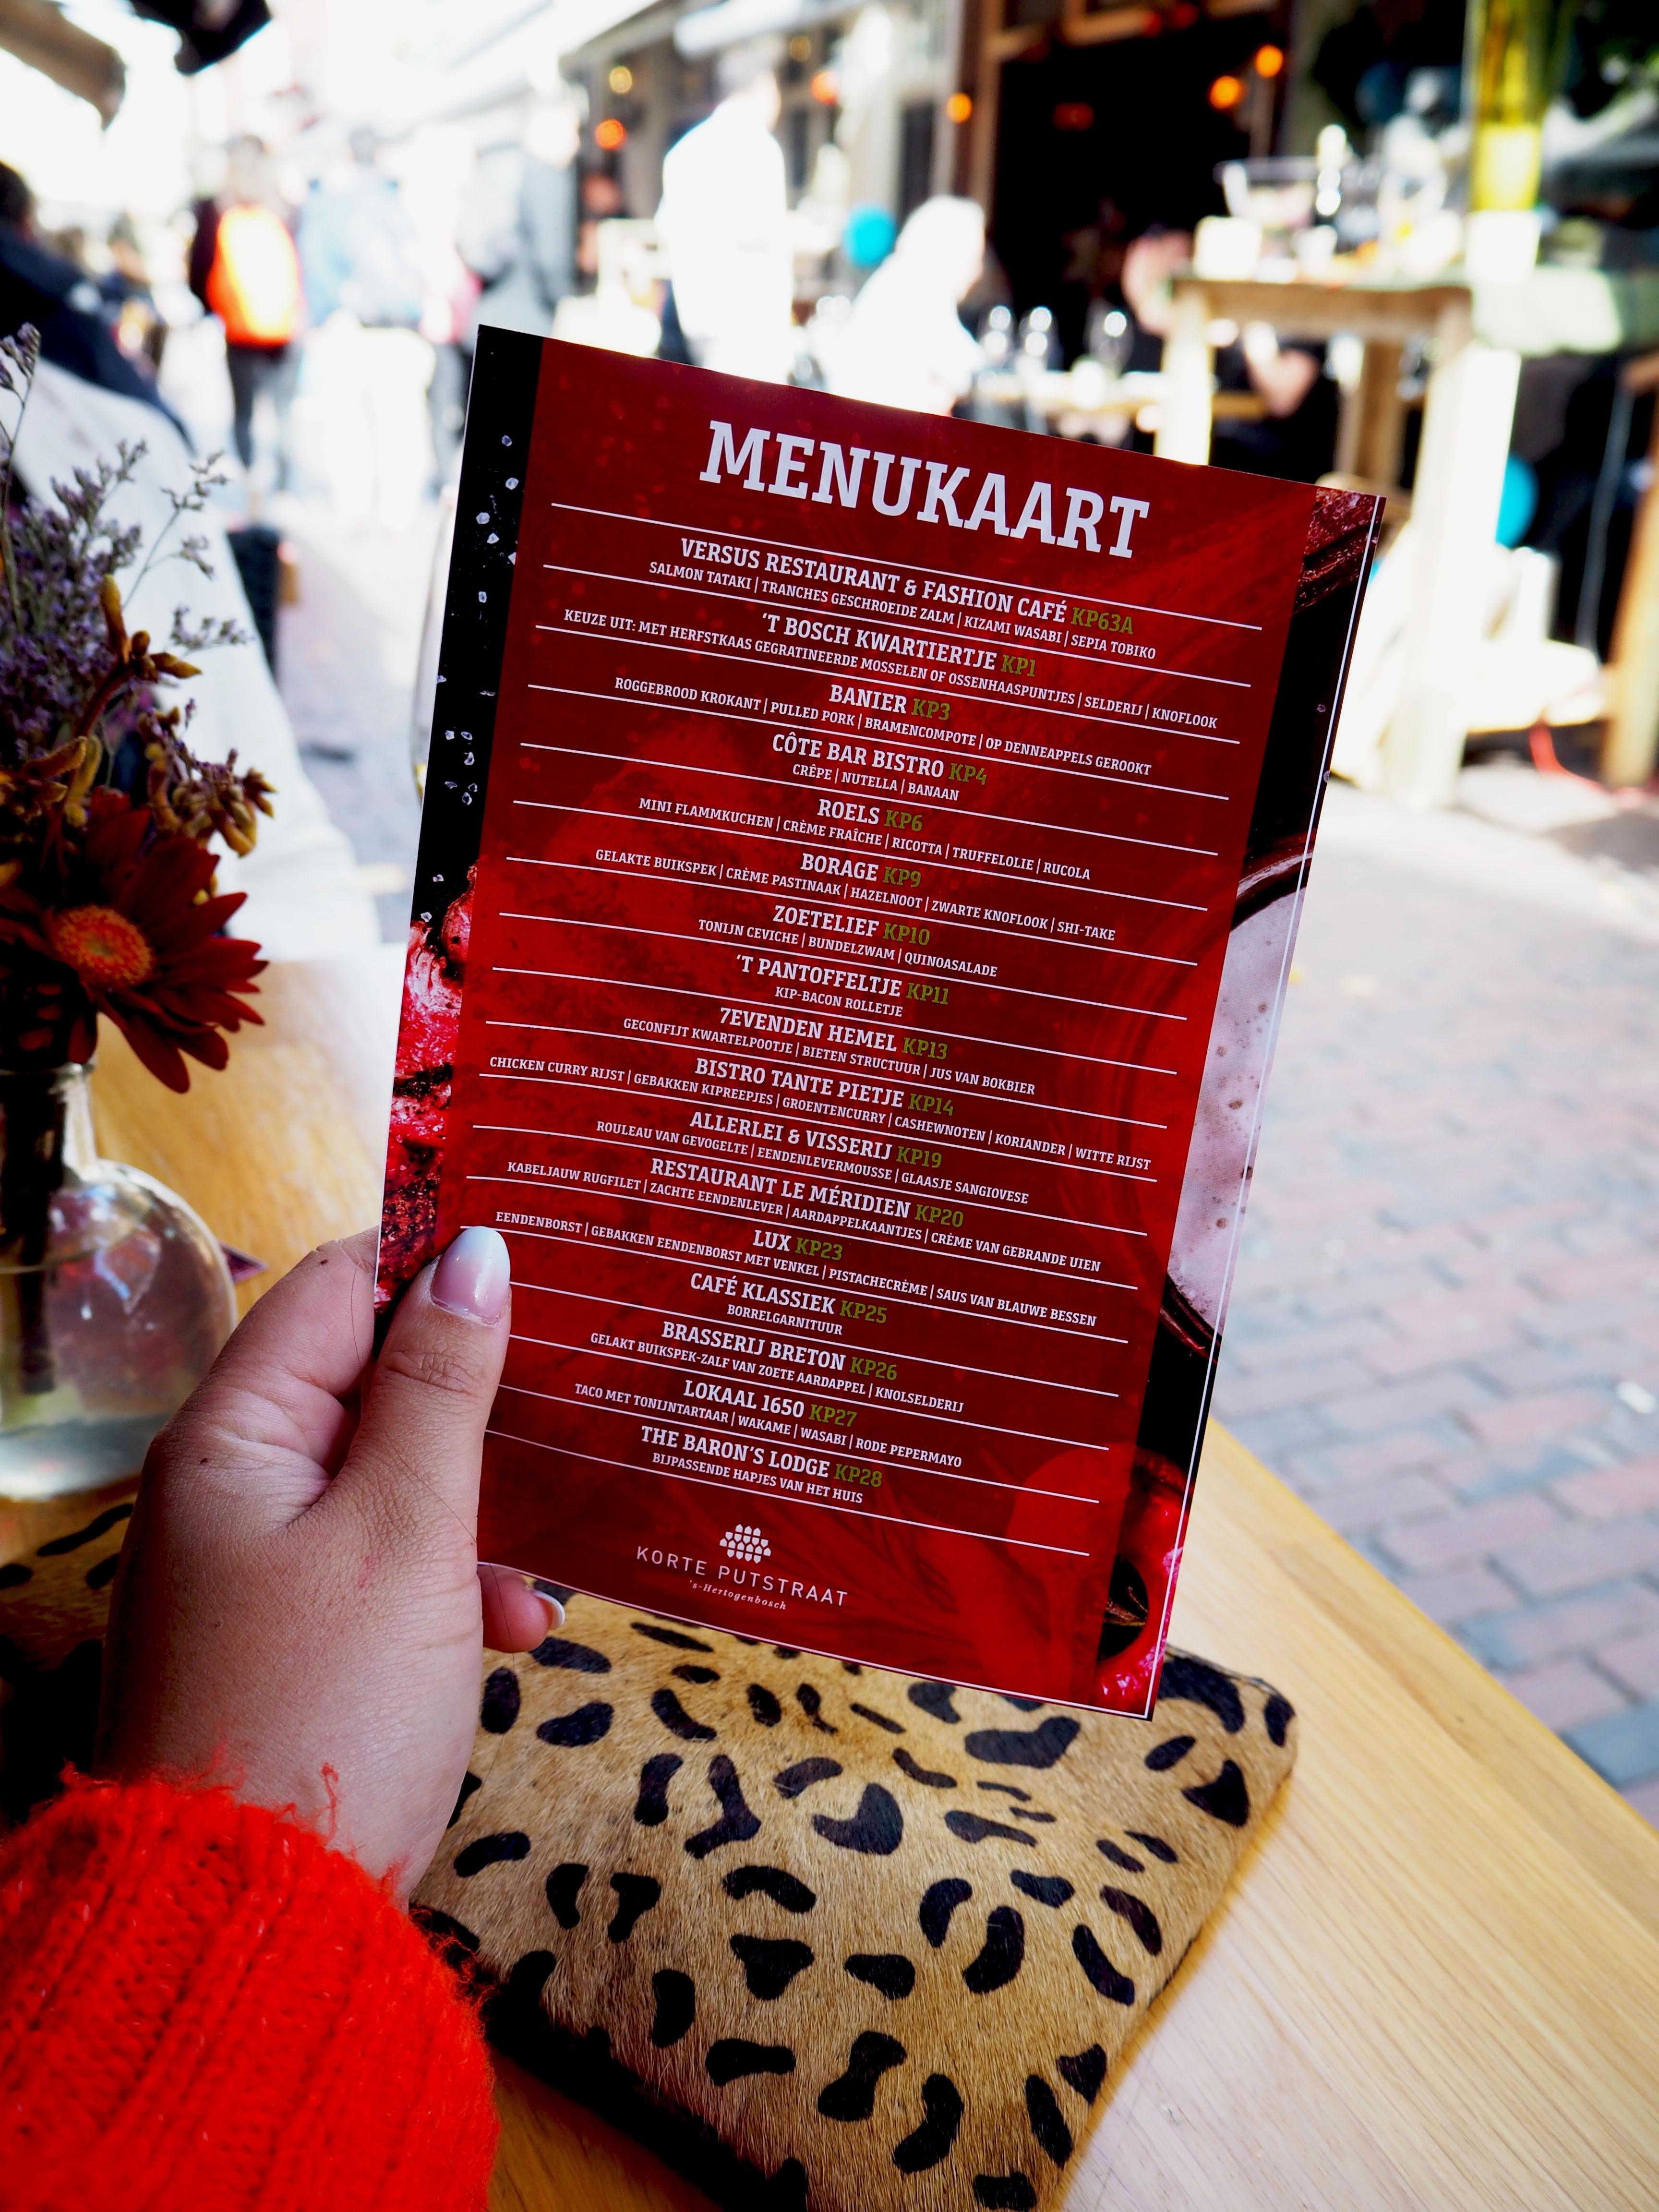 KP proeft de herfst menukaart